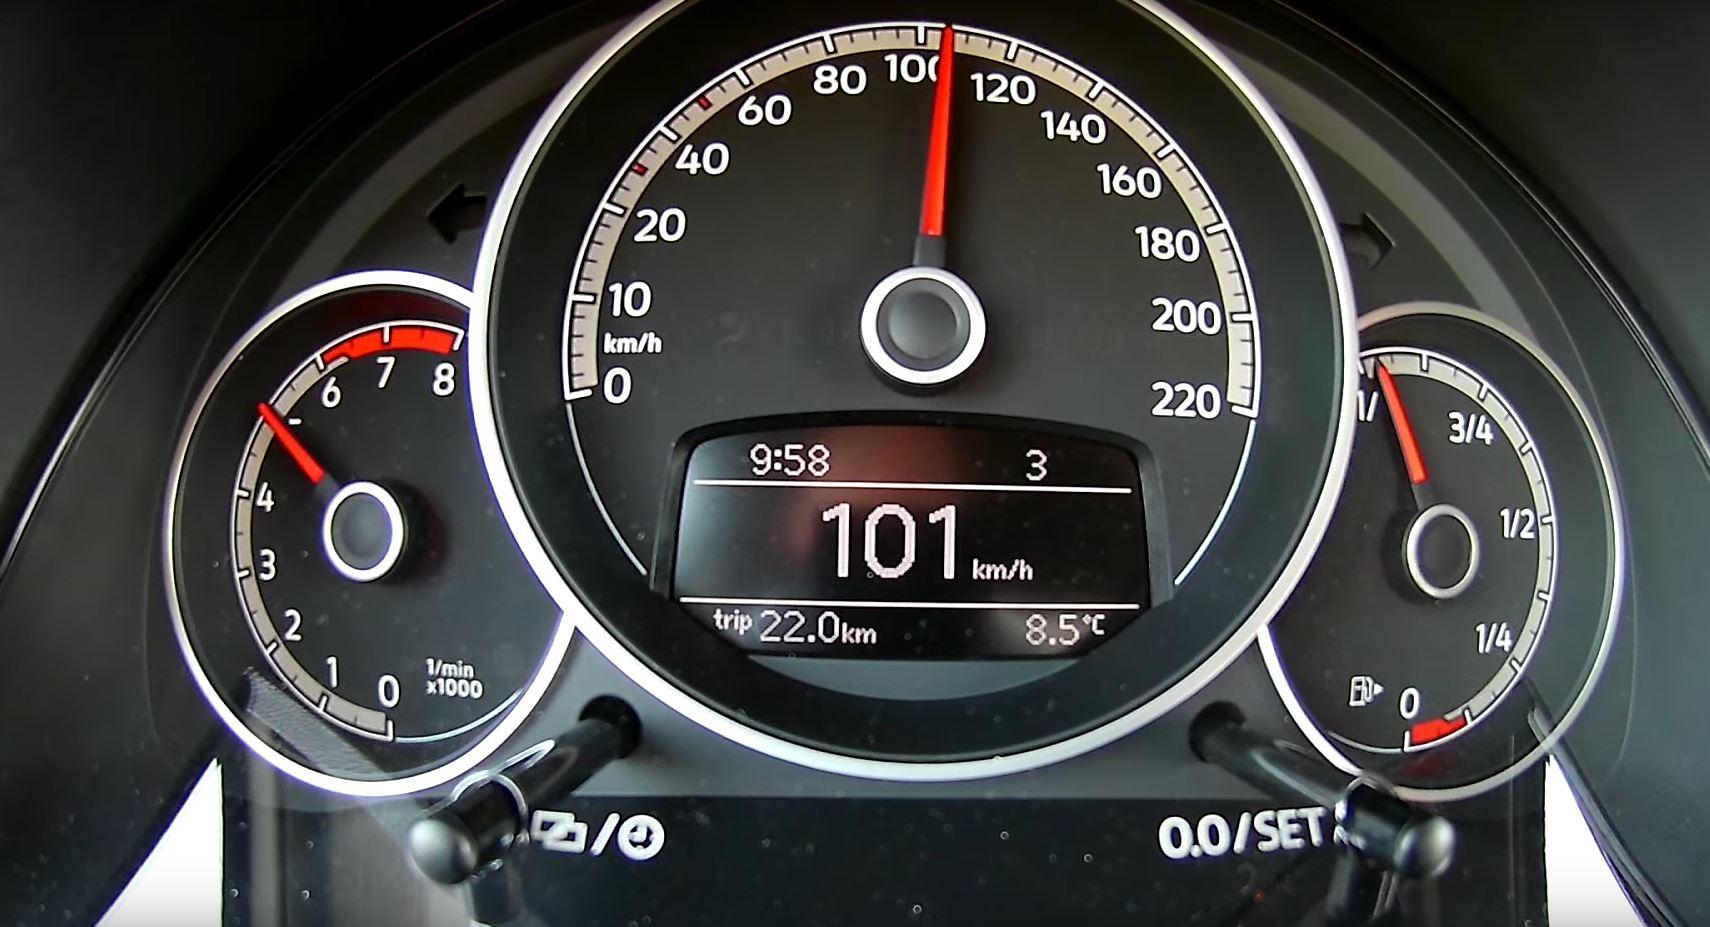 2018 volkswagen up gti 0 100 km h acceleration test. Black Bedroom Furniture Sets. Home Design Ideas